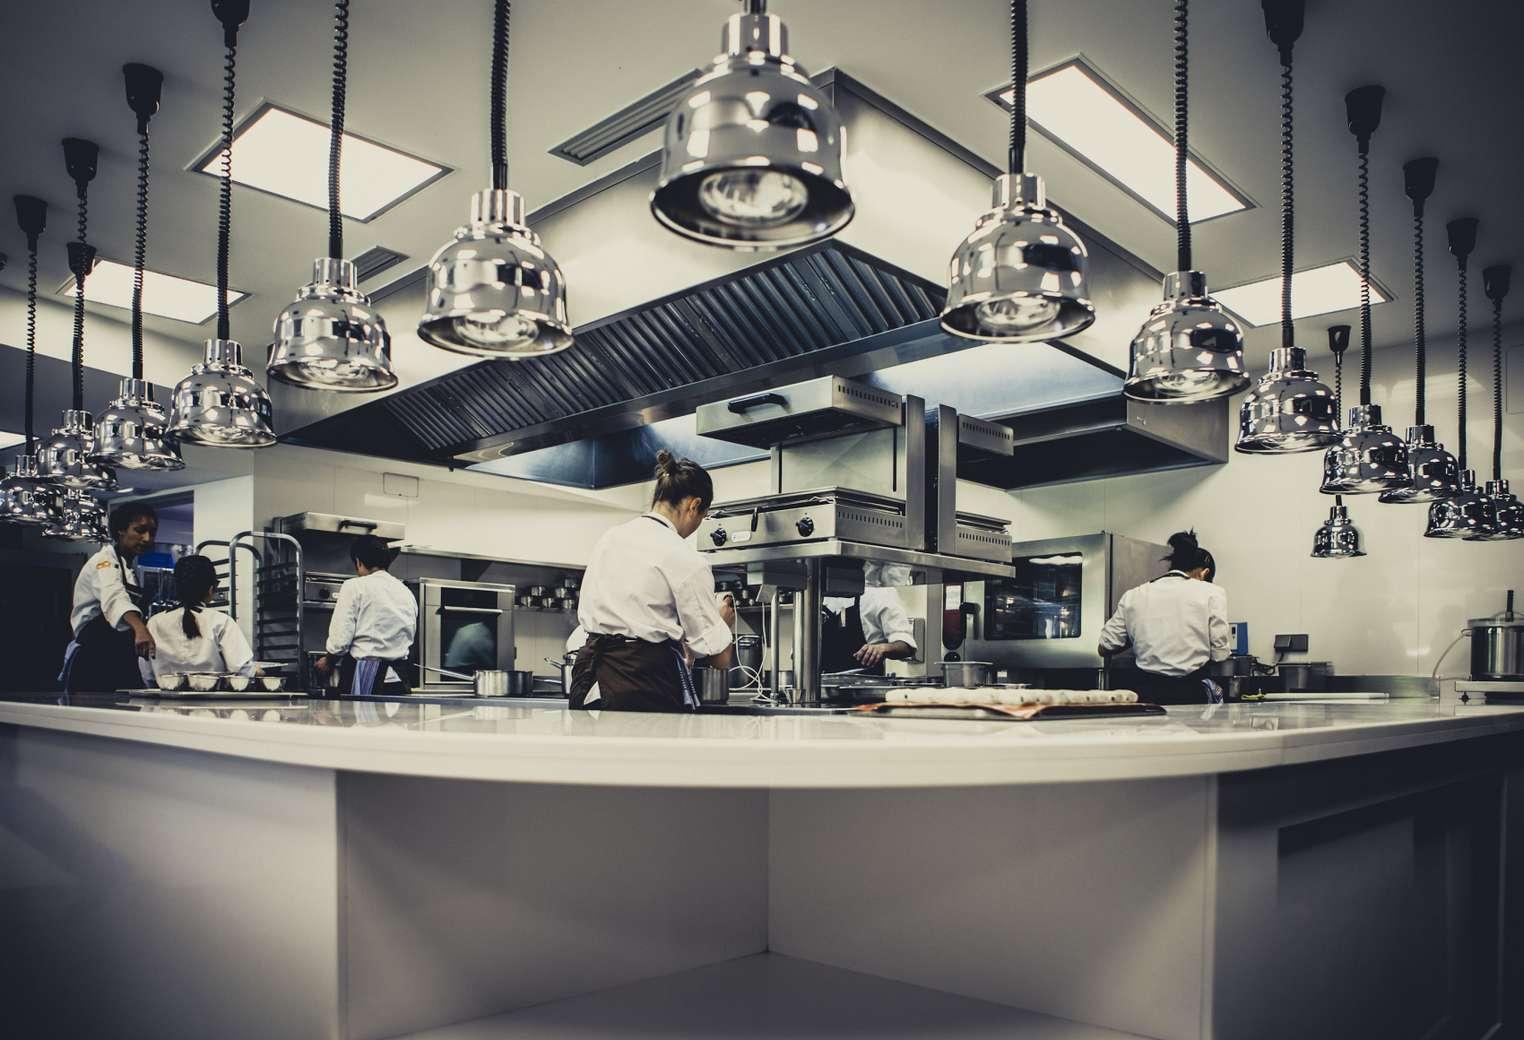 кухня ресторана Mugaritz